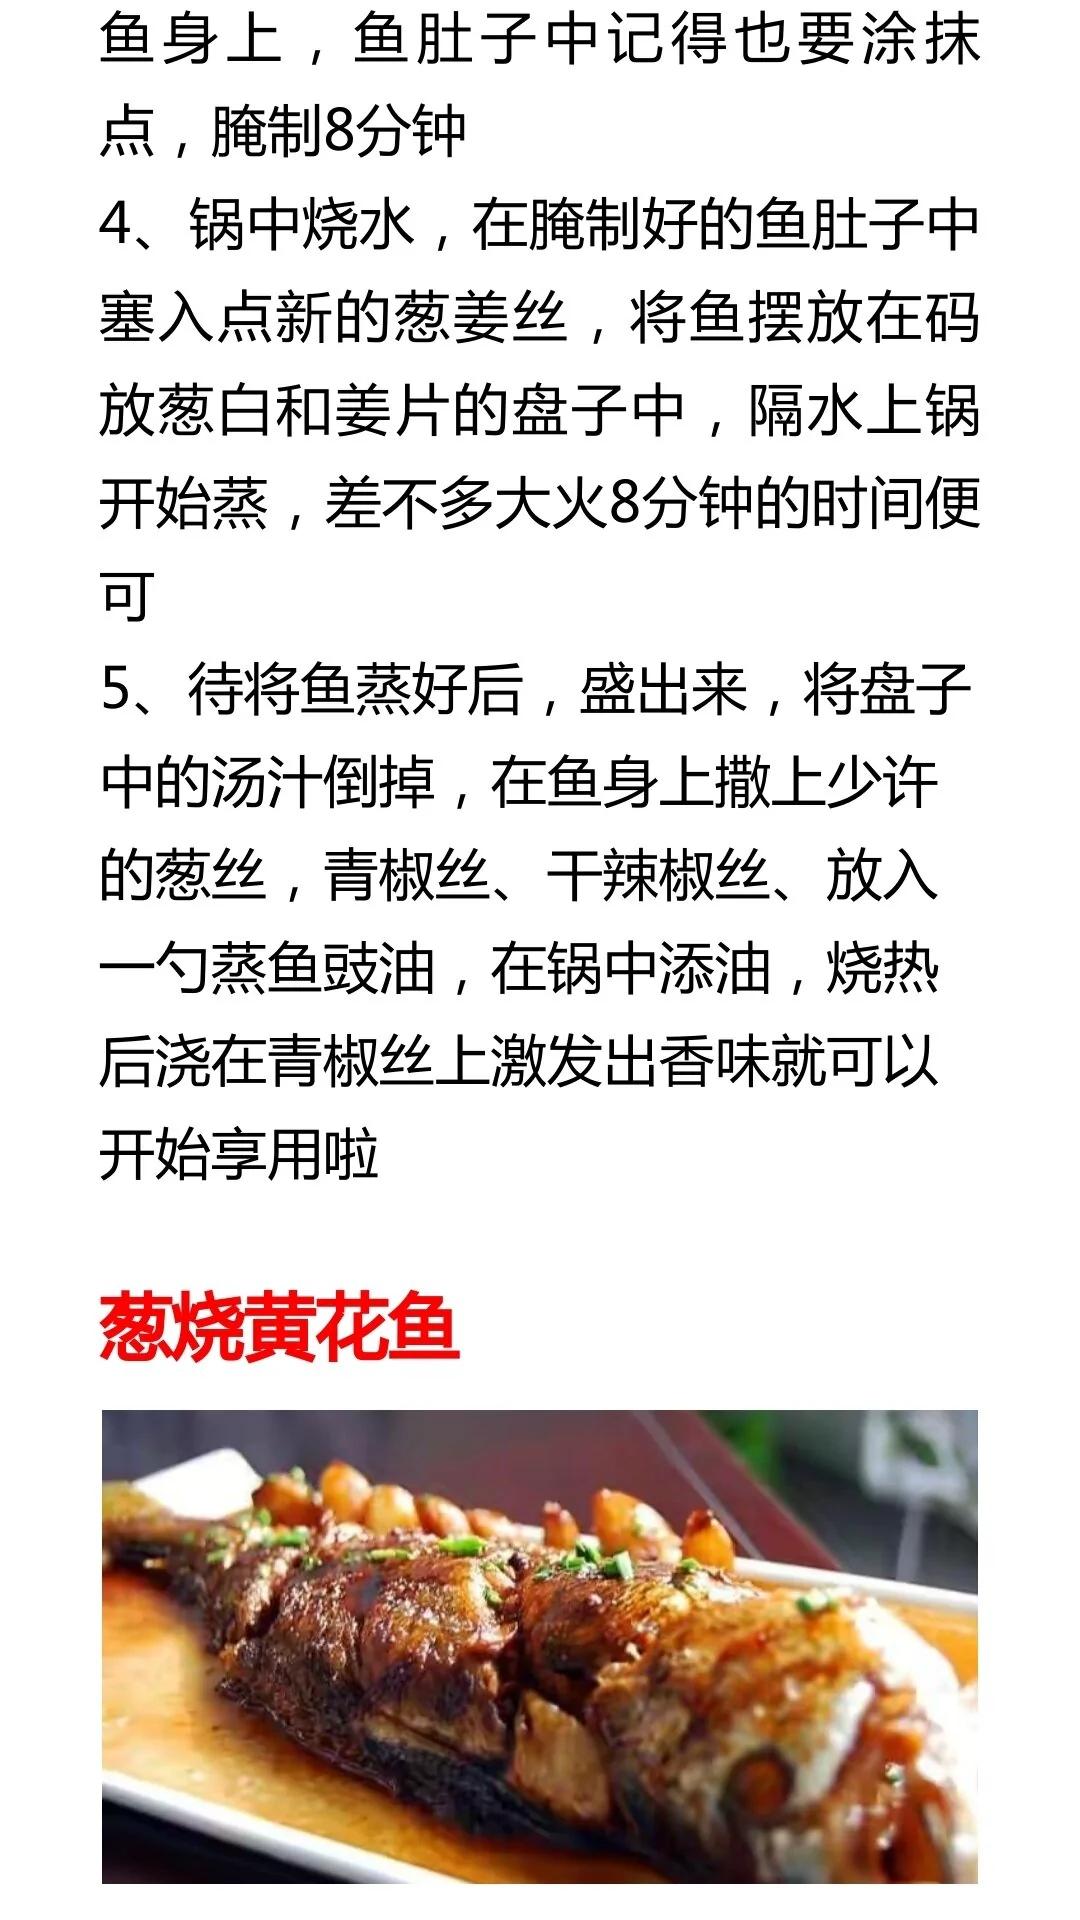 鱼的做法及配料 美食做法 第11张